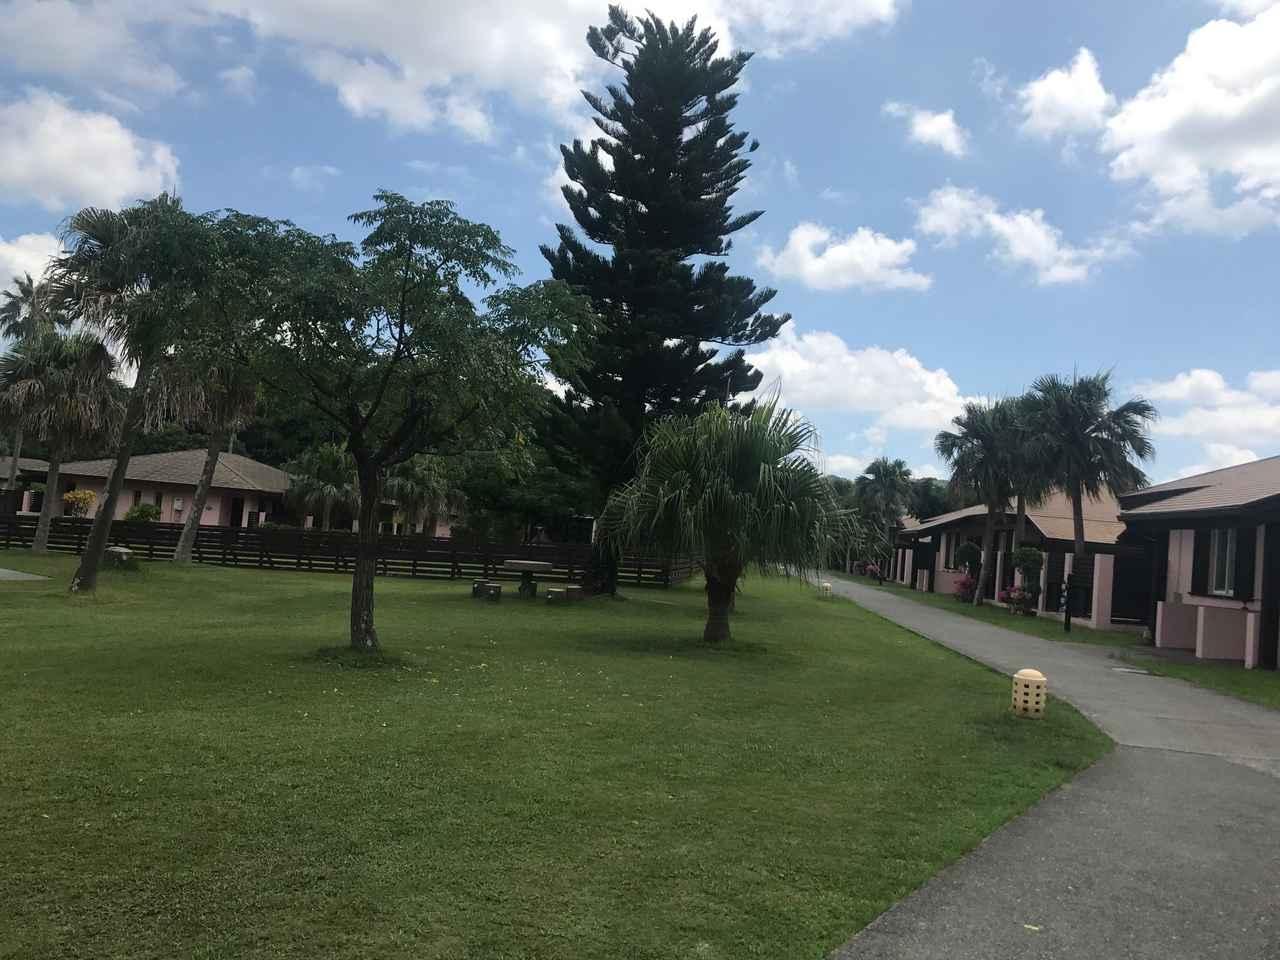 画像2: 【国内旅行・沖縄】沖縄の気候とホテルレポートNO2「オクマプライベートビーチ&リゾート」